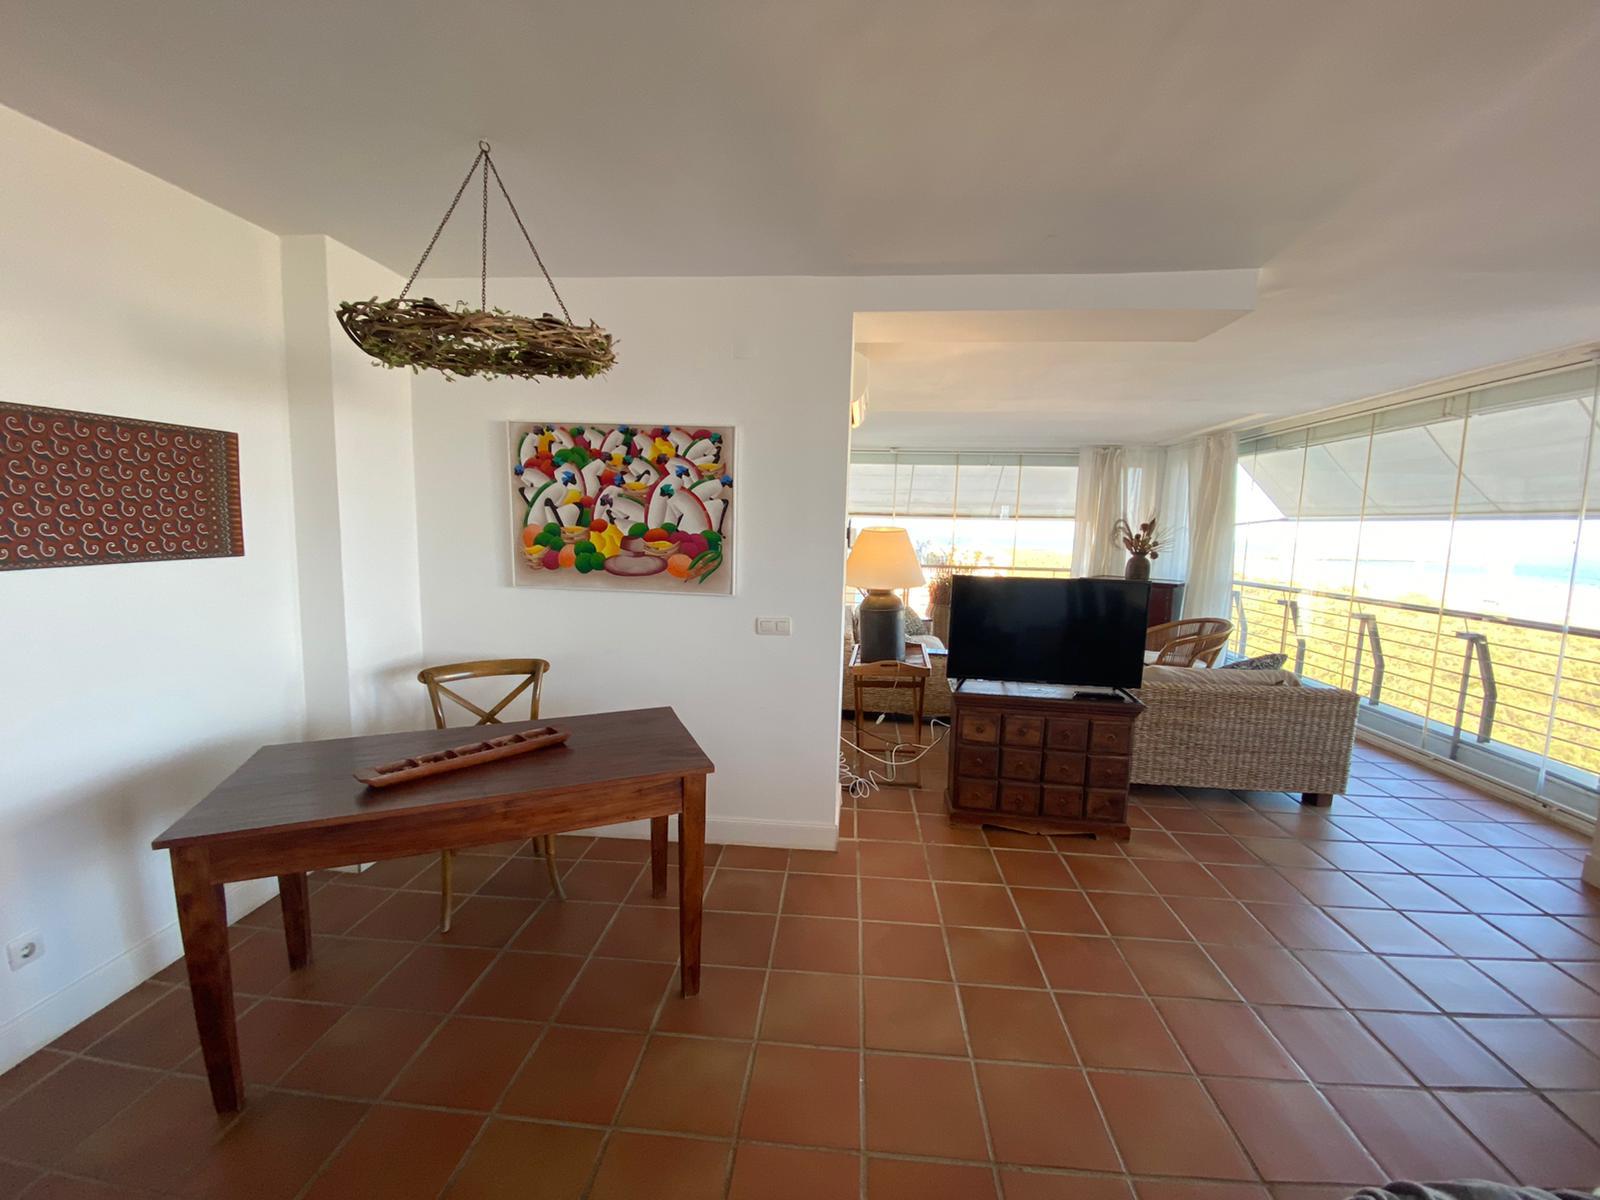 Imagen 39 del Apartamento Turístico, Ático 4 Levante, Frontal (4d+2b), Punta del Moral (HUELVA), Paseo de la Cruz nº22